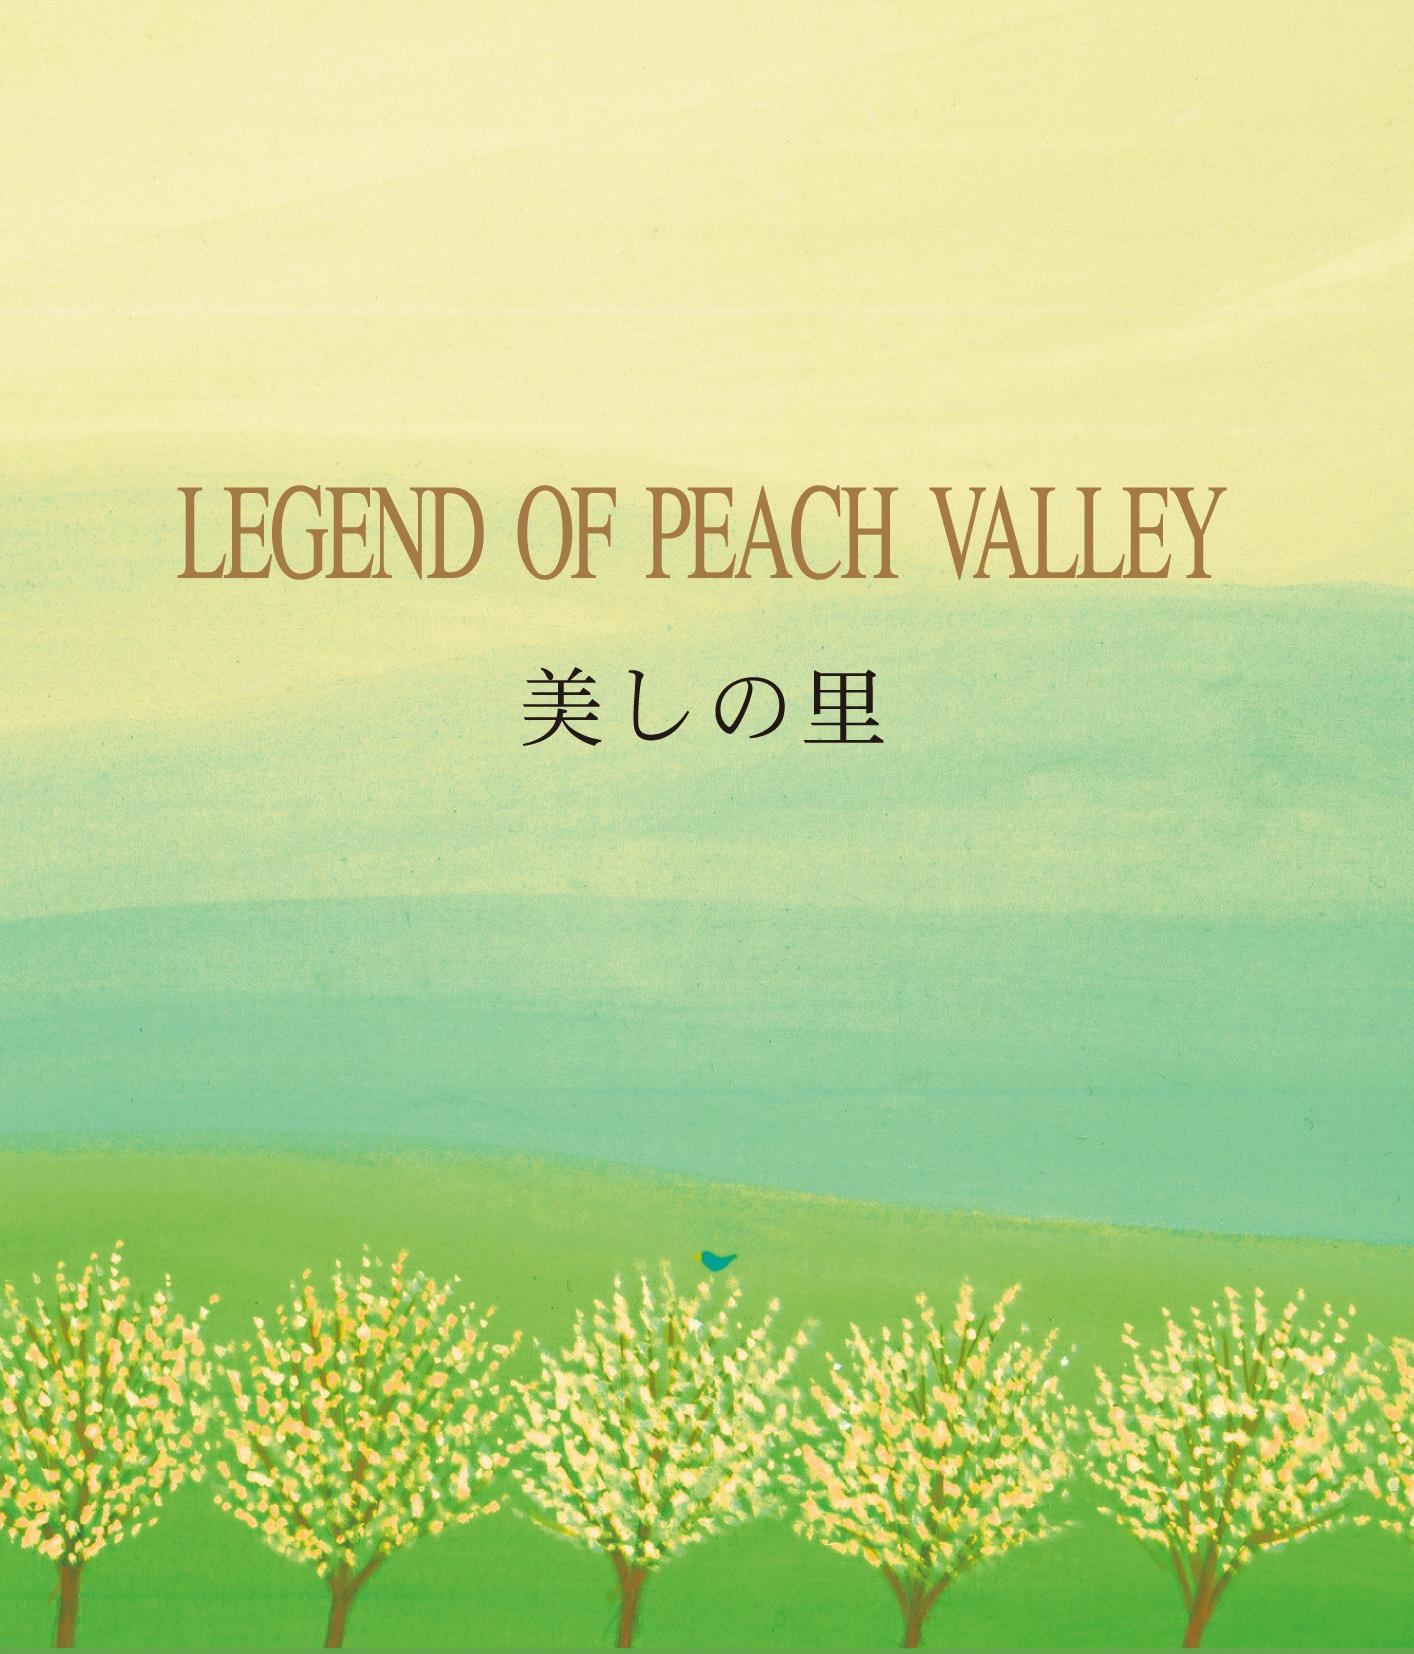 美しの里~LEGEND OF PEACH VALLEY 黒石ひとみ